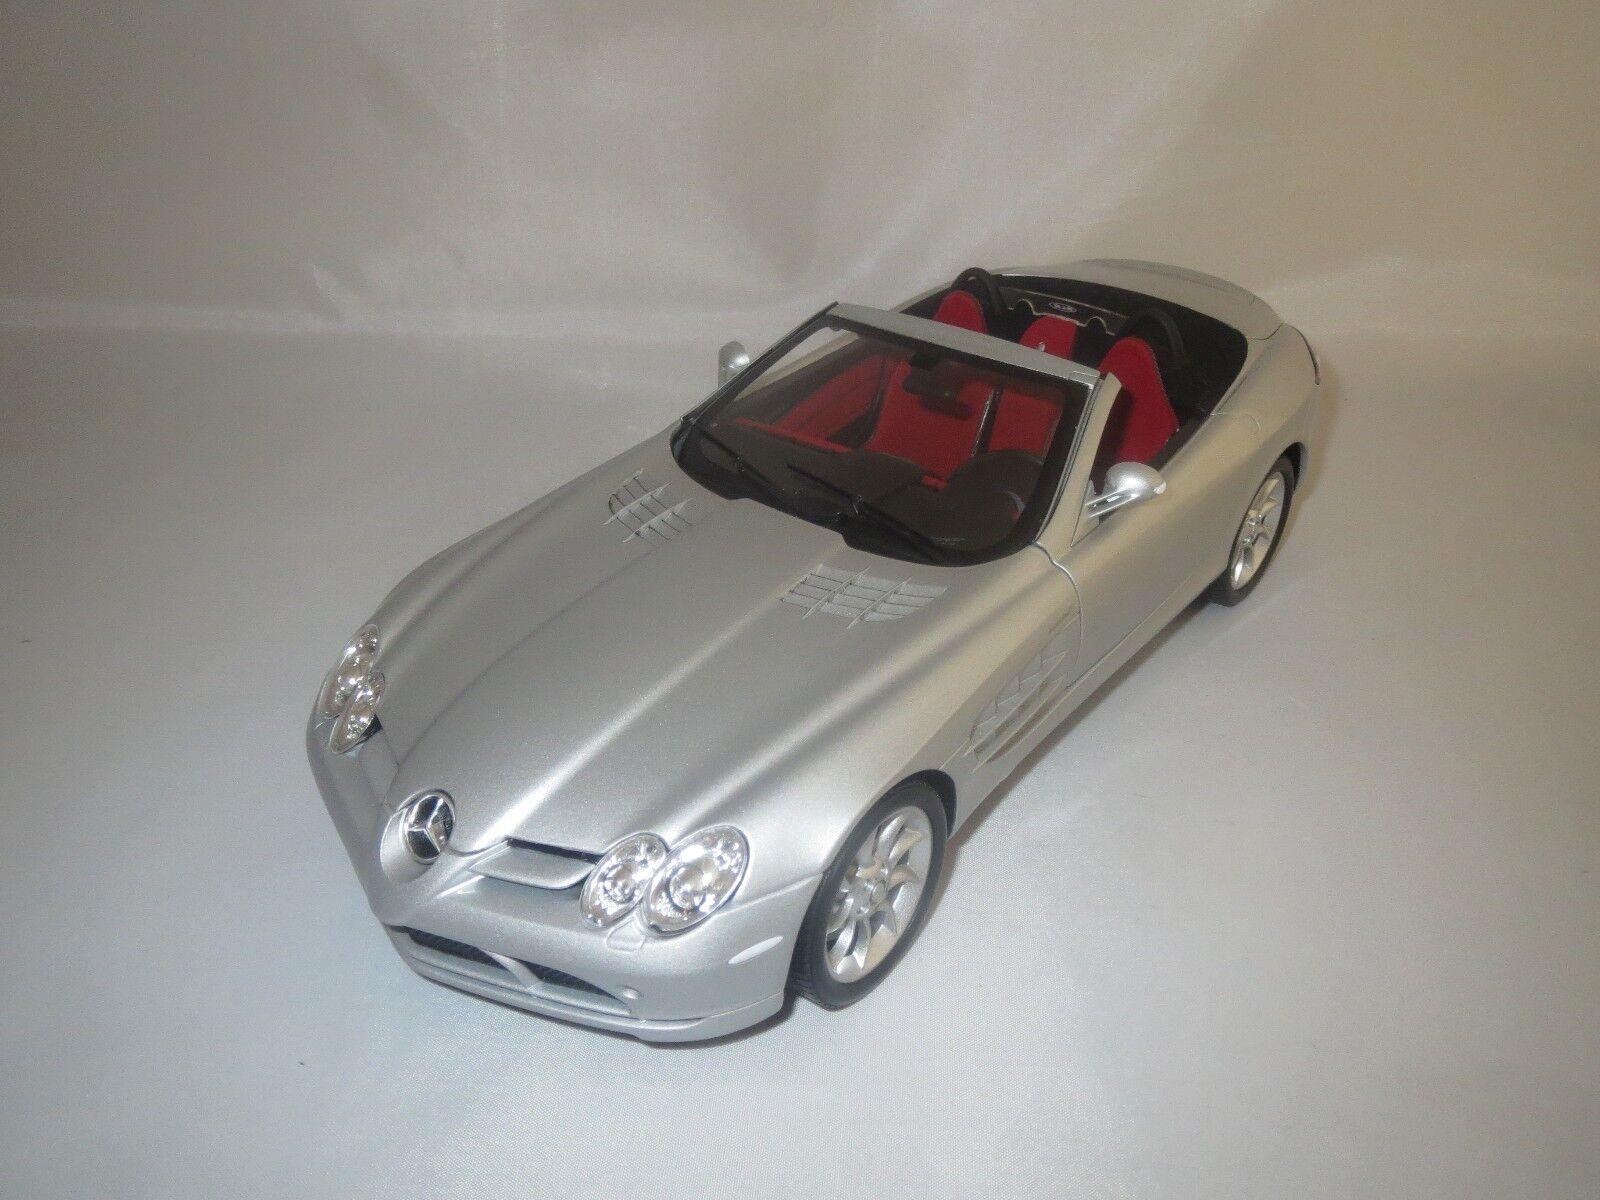 MINICHAMPS Mercedes-Benz SLR McLaren Roadster  2007  (argent-Met.) 1 18 neuf dans sa boîte